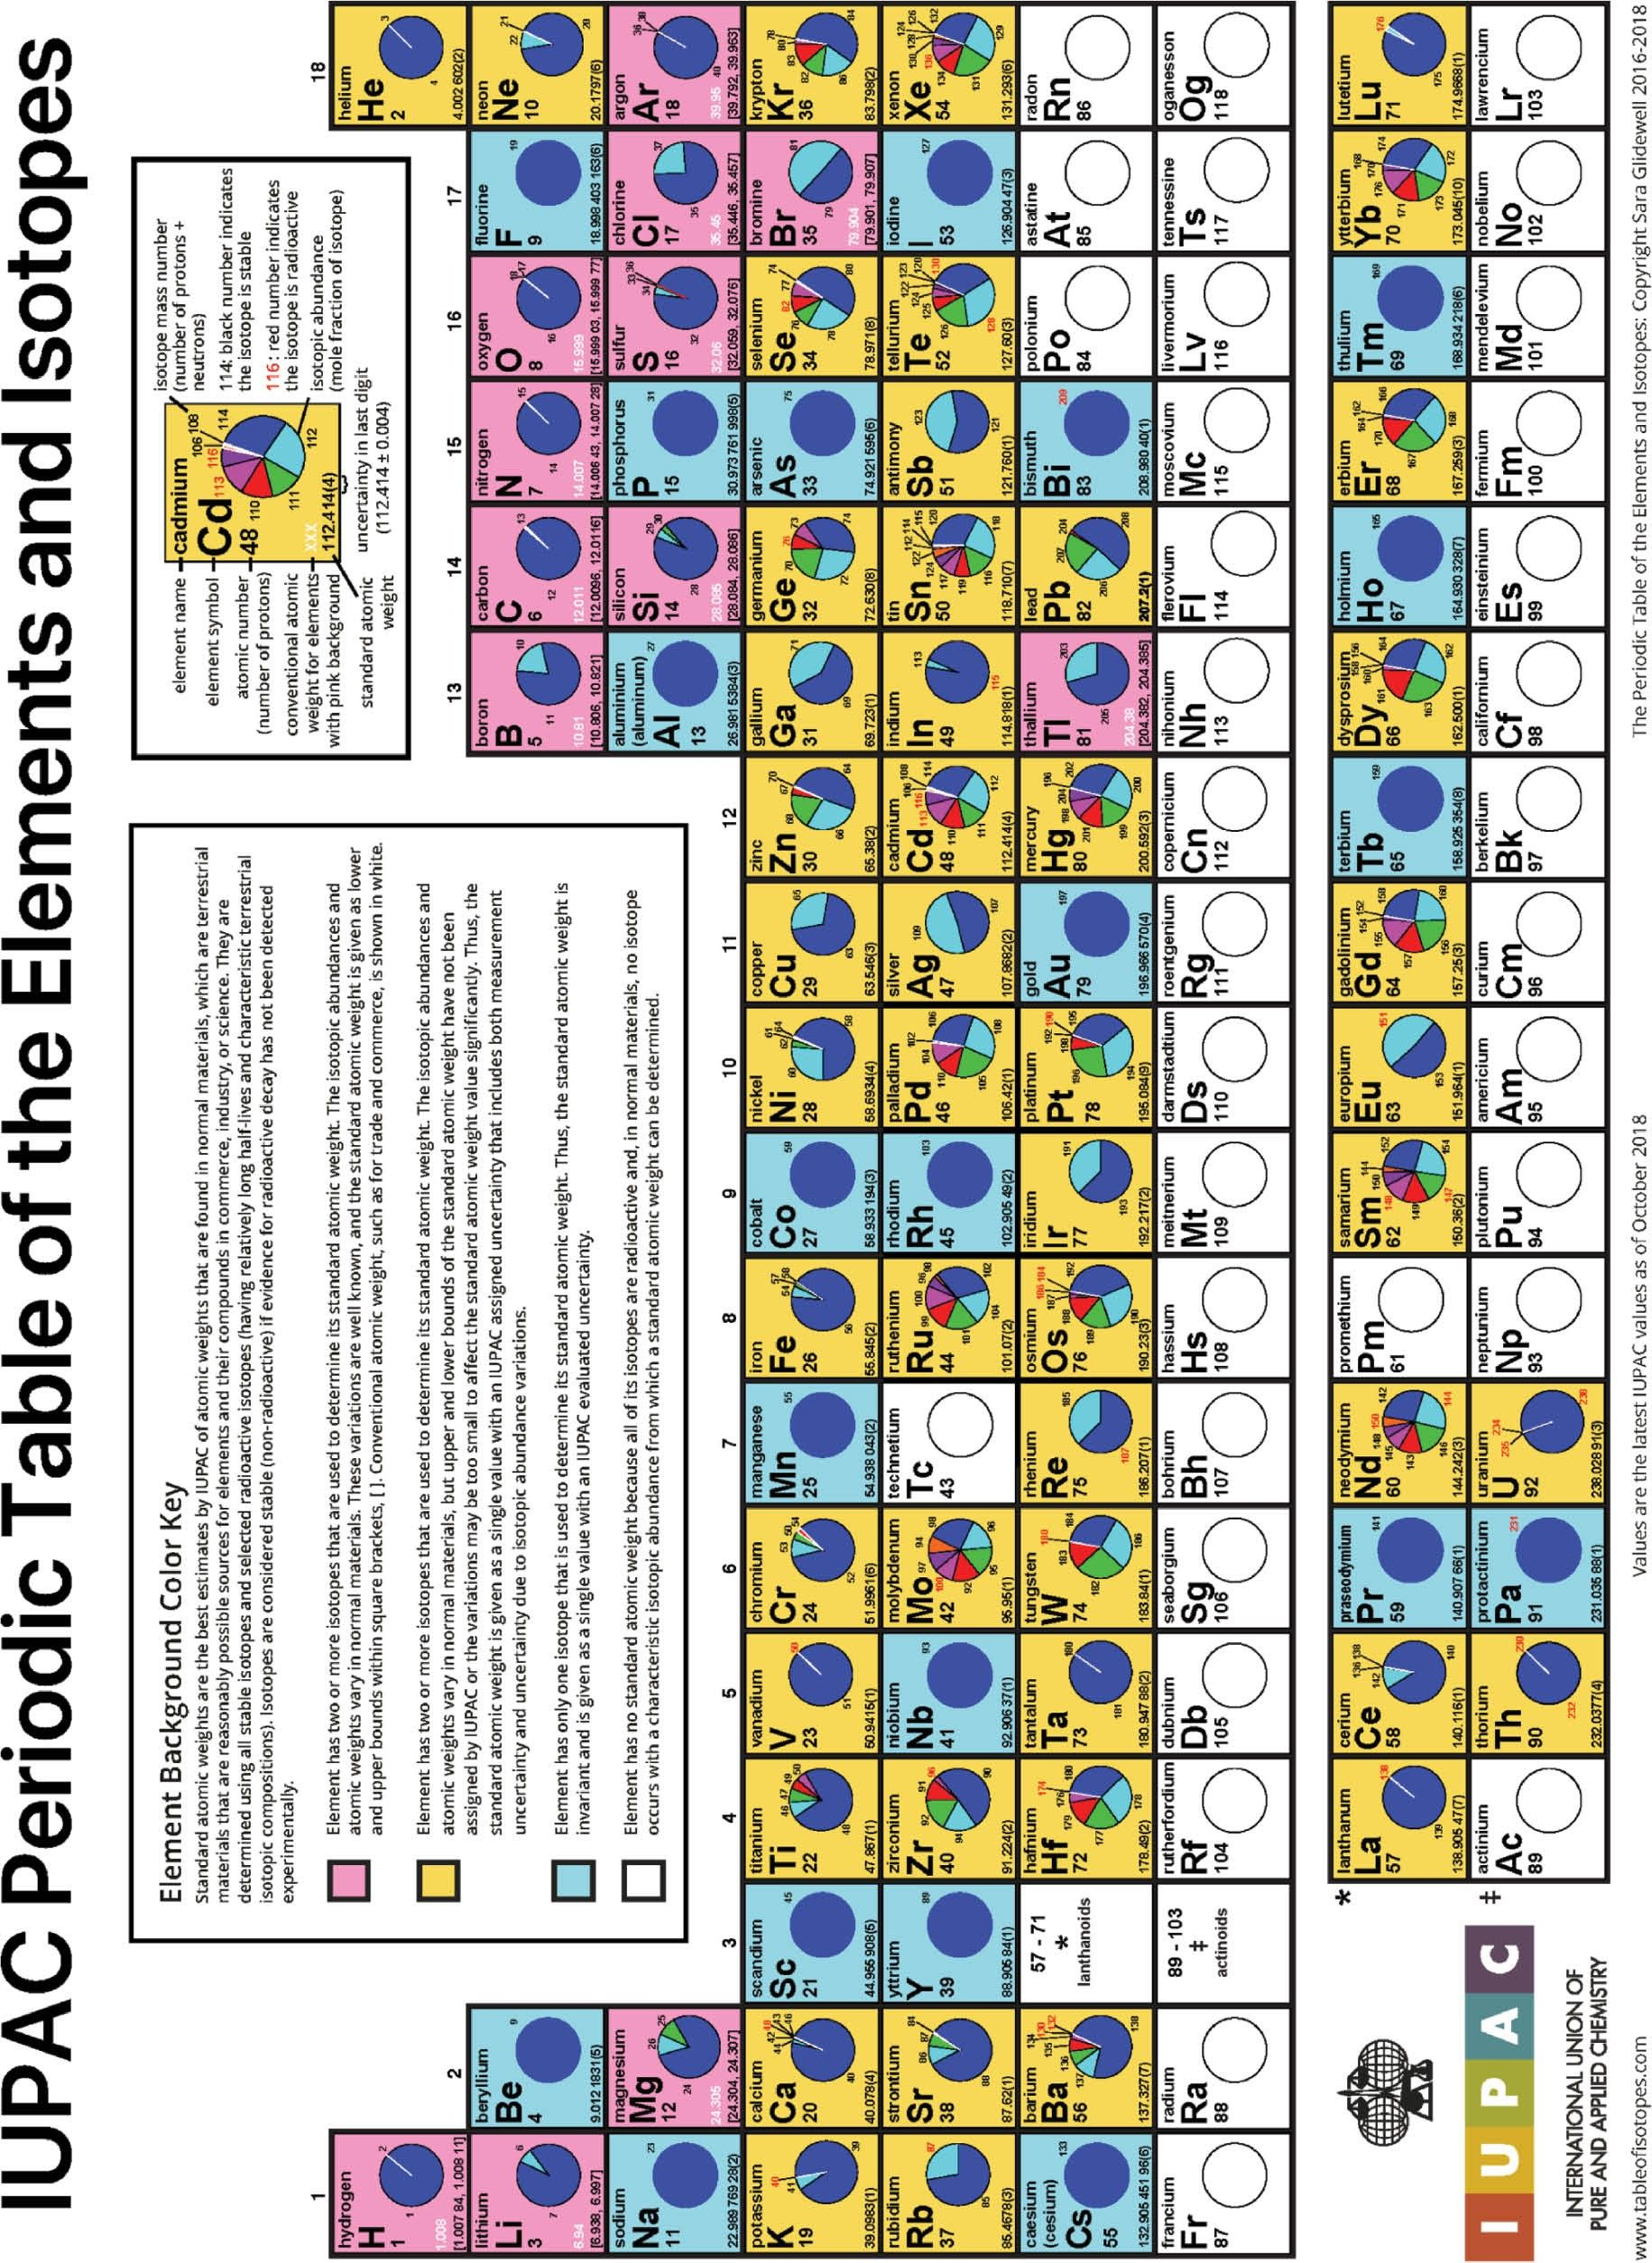 Unique Periodic Table Song Hydrogen Helium Lithium